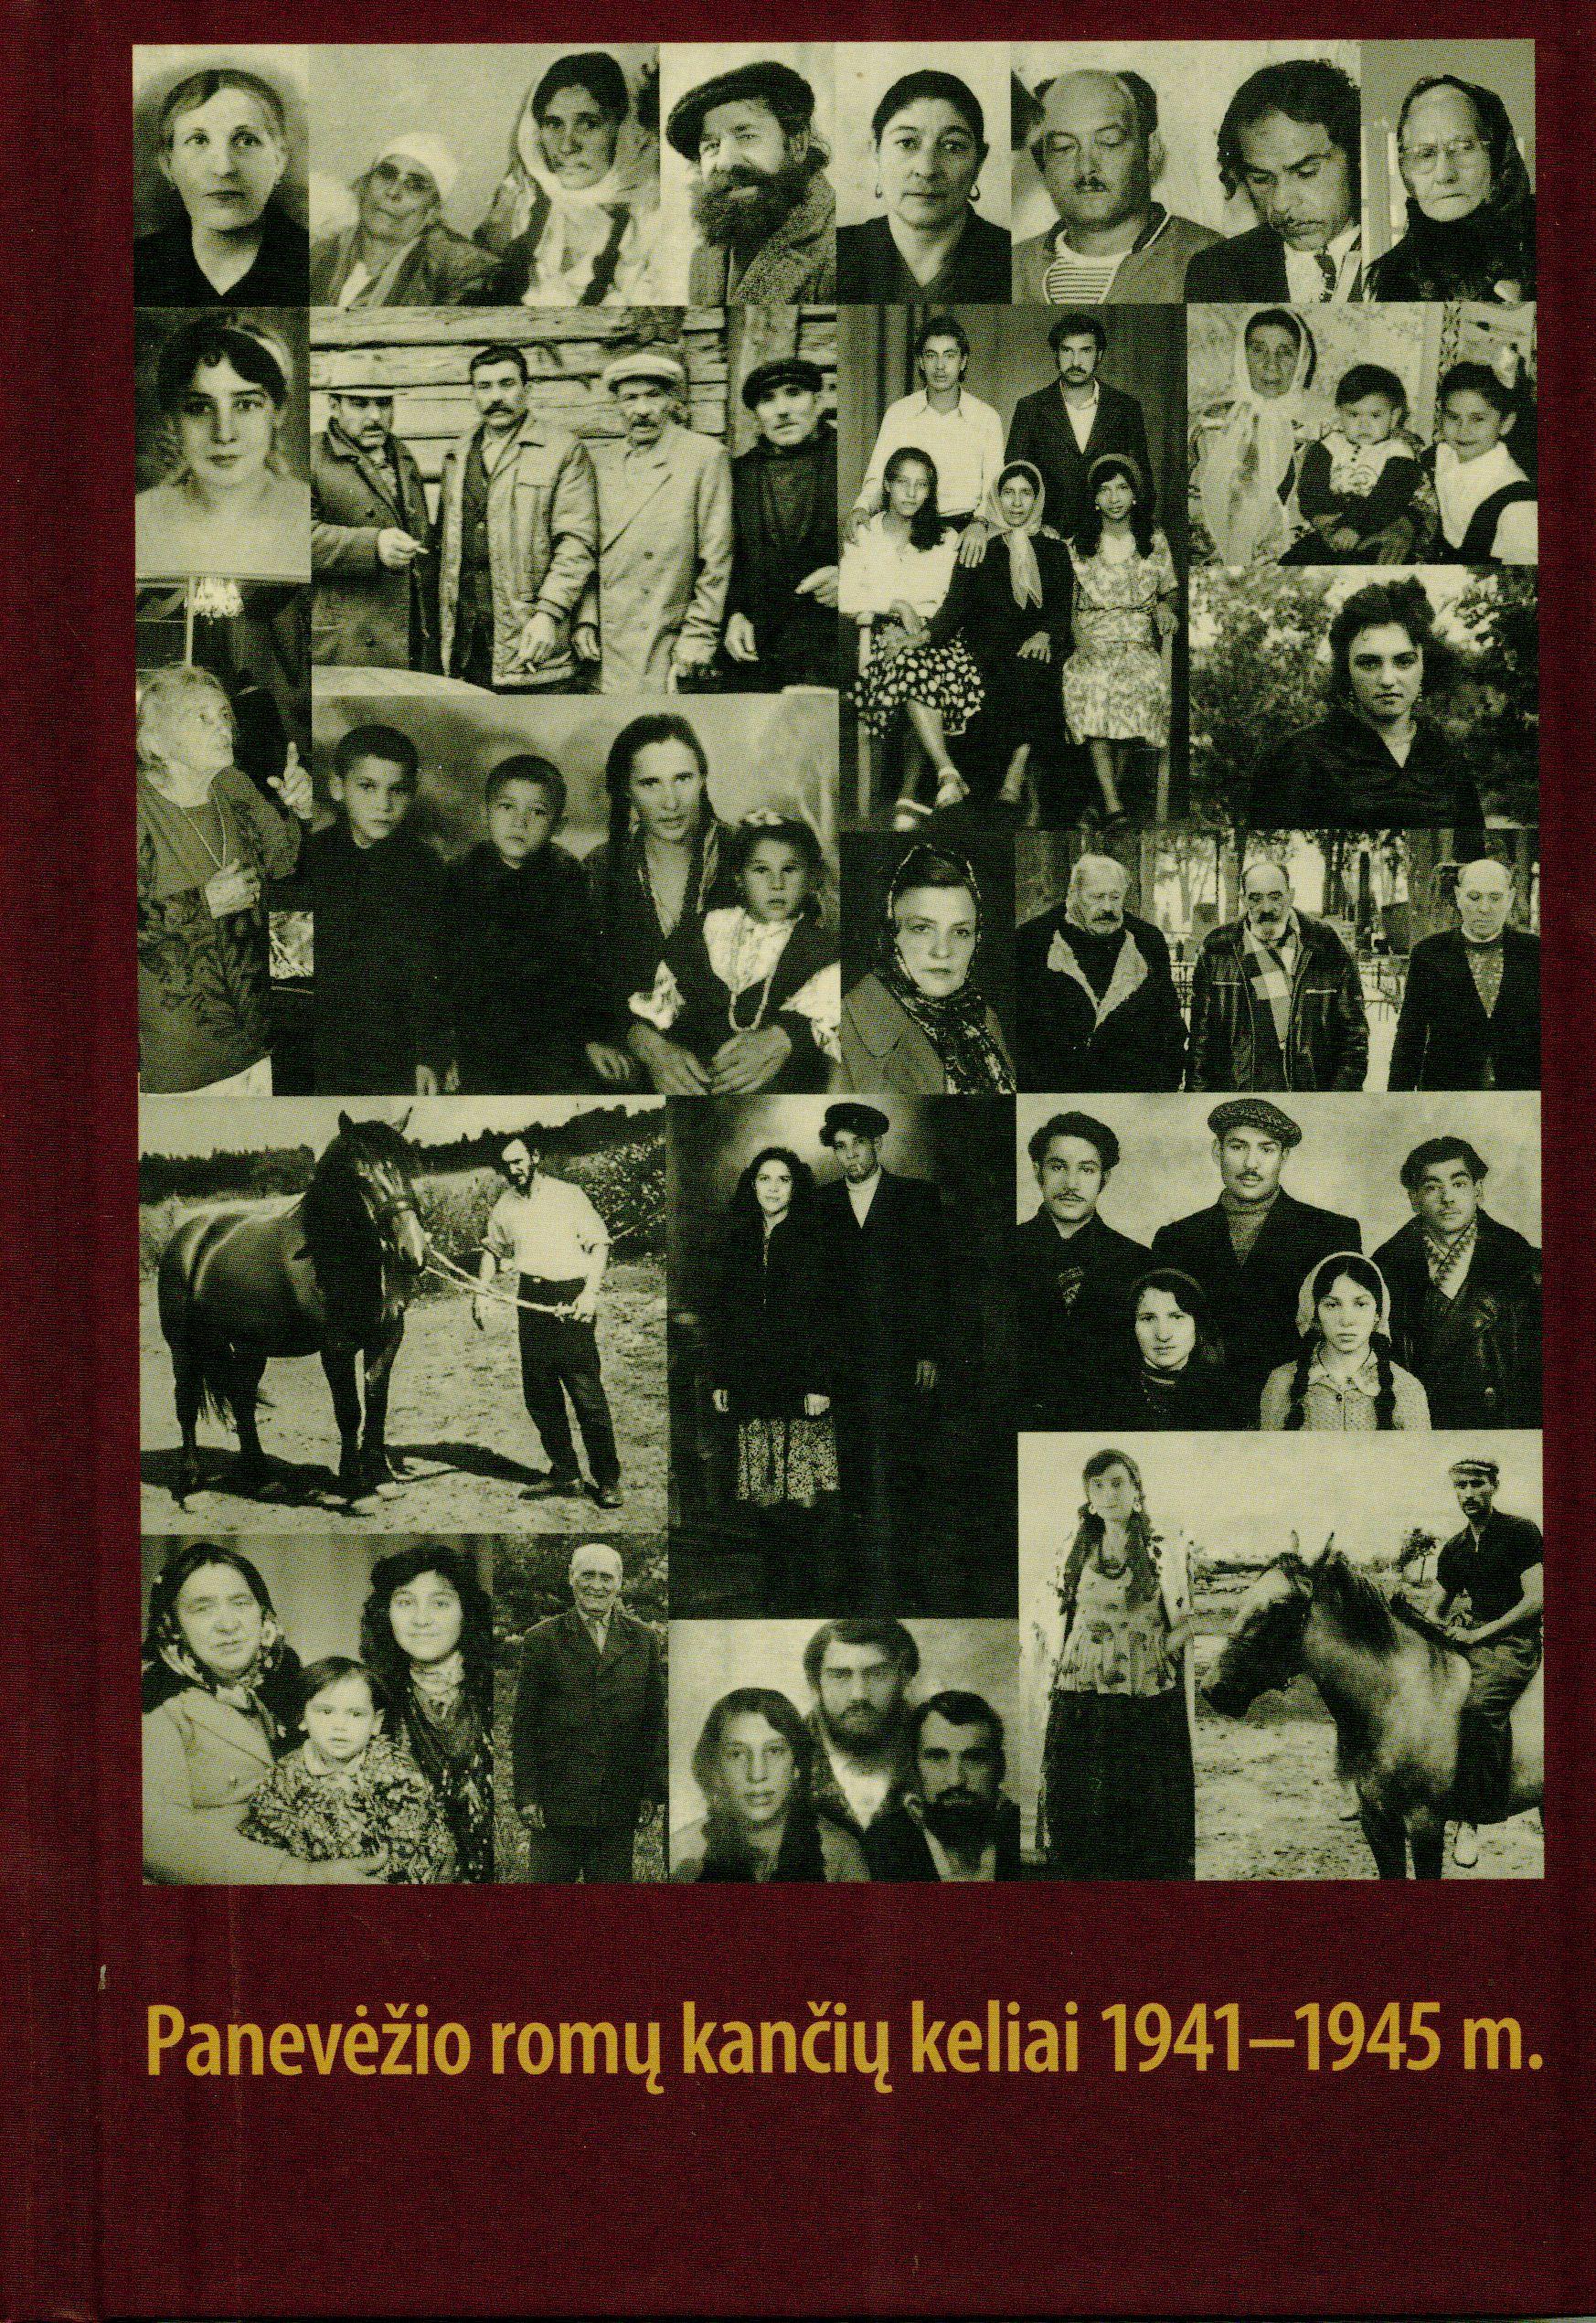 Panevėžio romų kančių keliai 1941-1945 m.